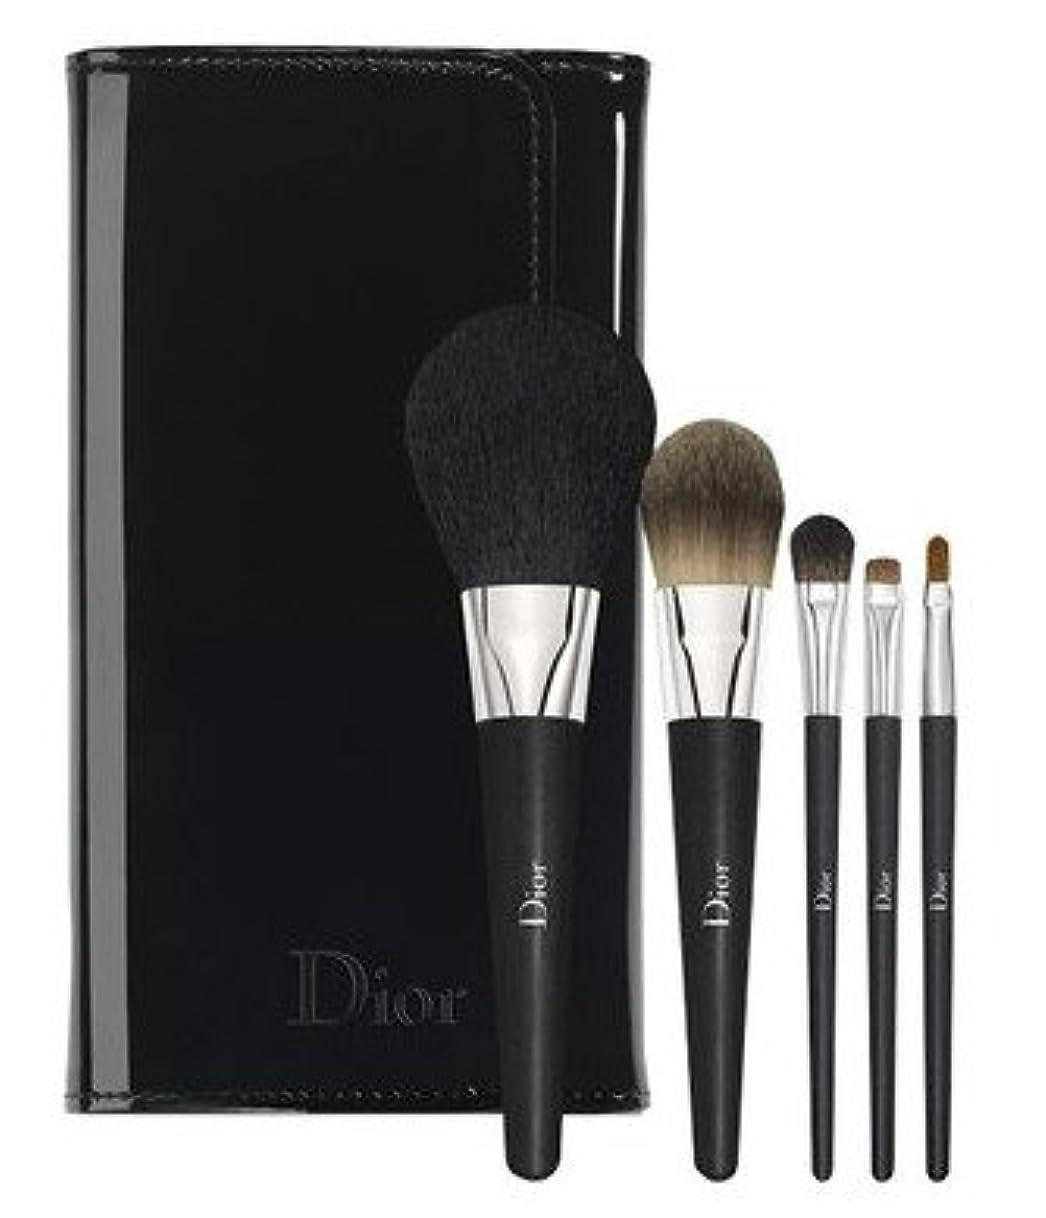 数量限定品 DIOR(ディオール) バックステージ ホリデイ ブラシ セット【Diorショッパー付き】